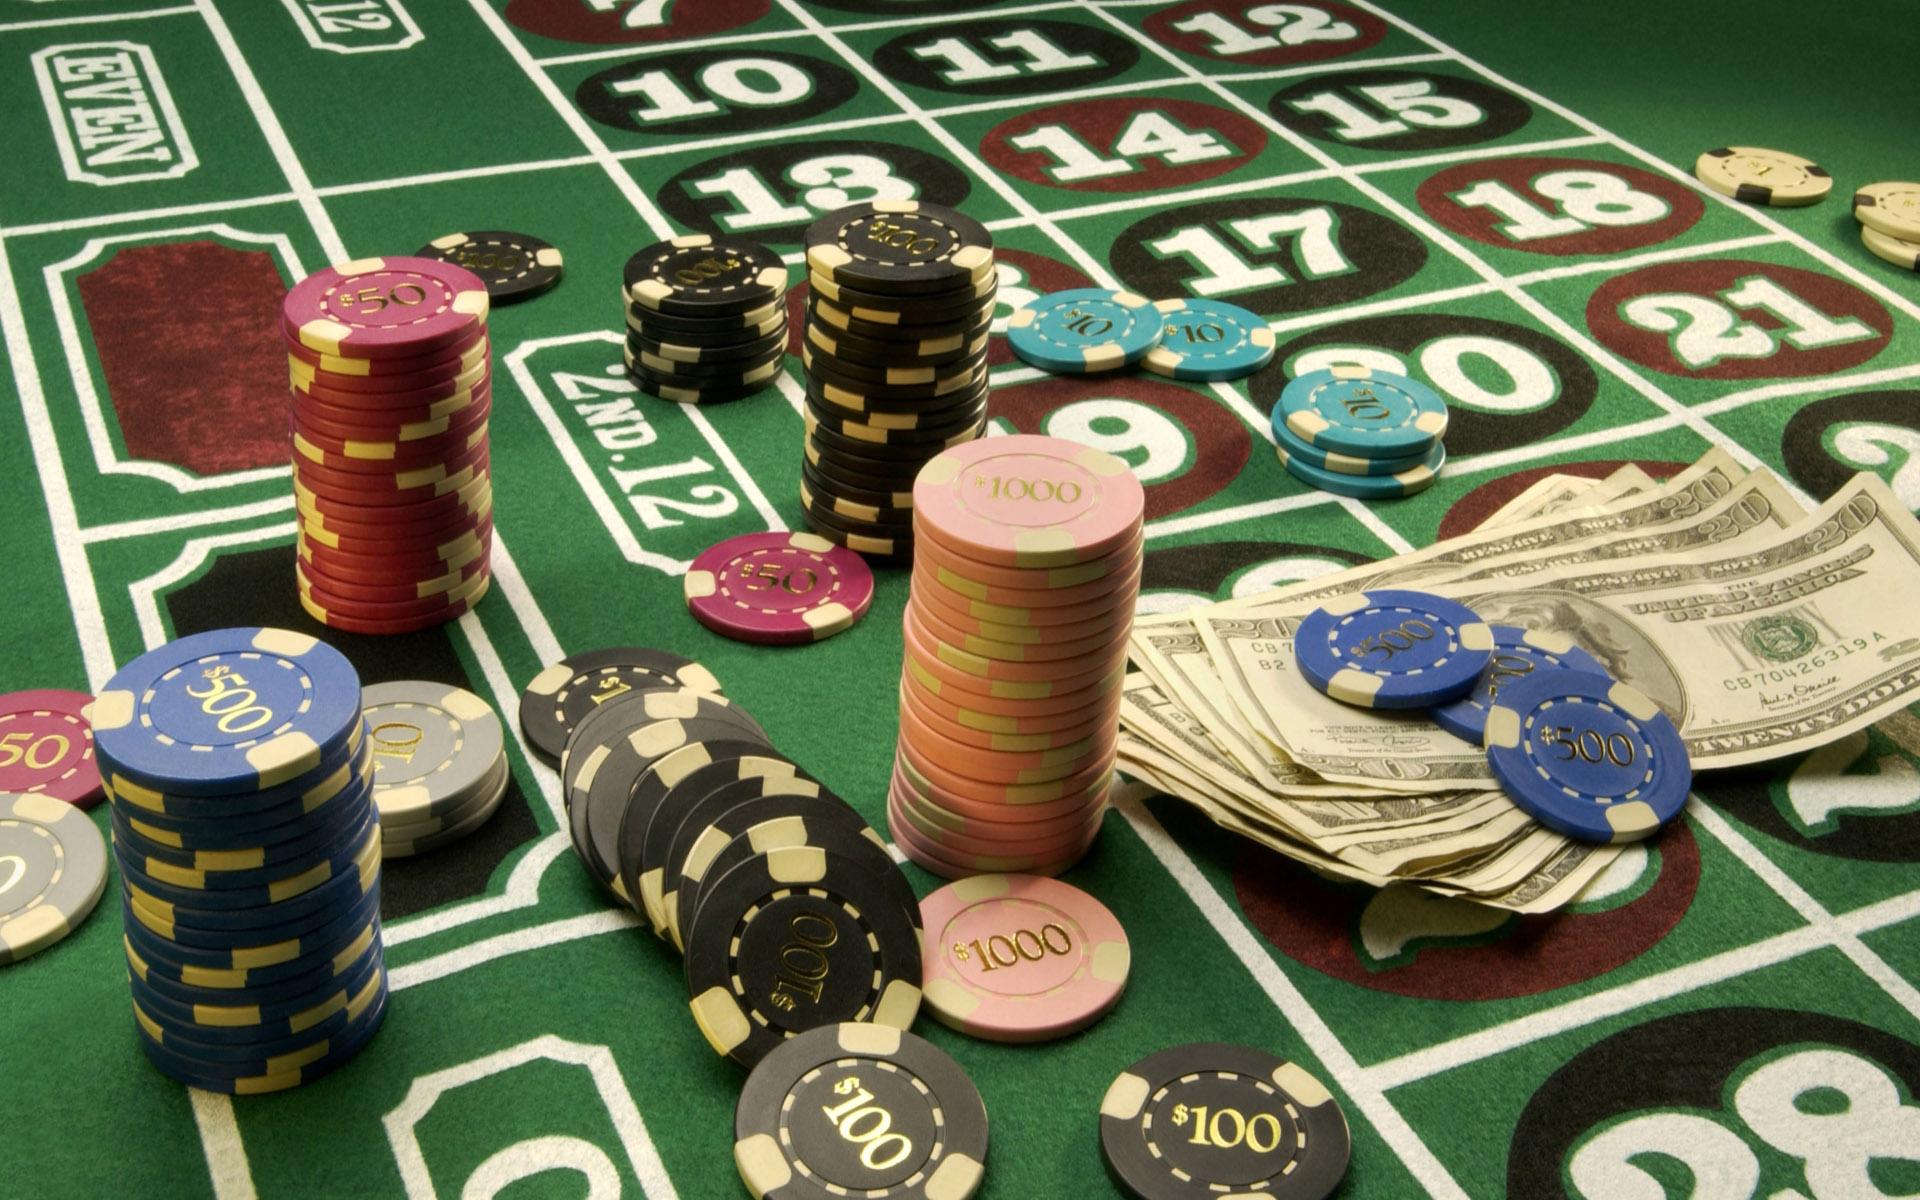 Αναβρασμός στον χώρο των καζίνο. Απόφαση για 24ωρη απεργία ζητούν από την ΟΣΕΤΥΠ τα σωματεία μέλη.